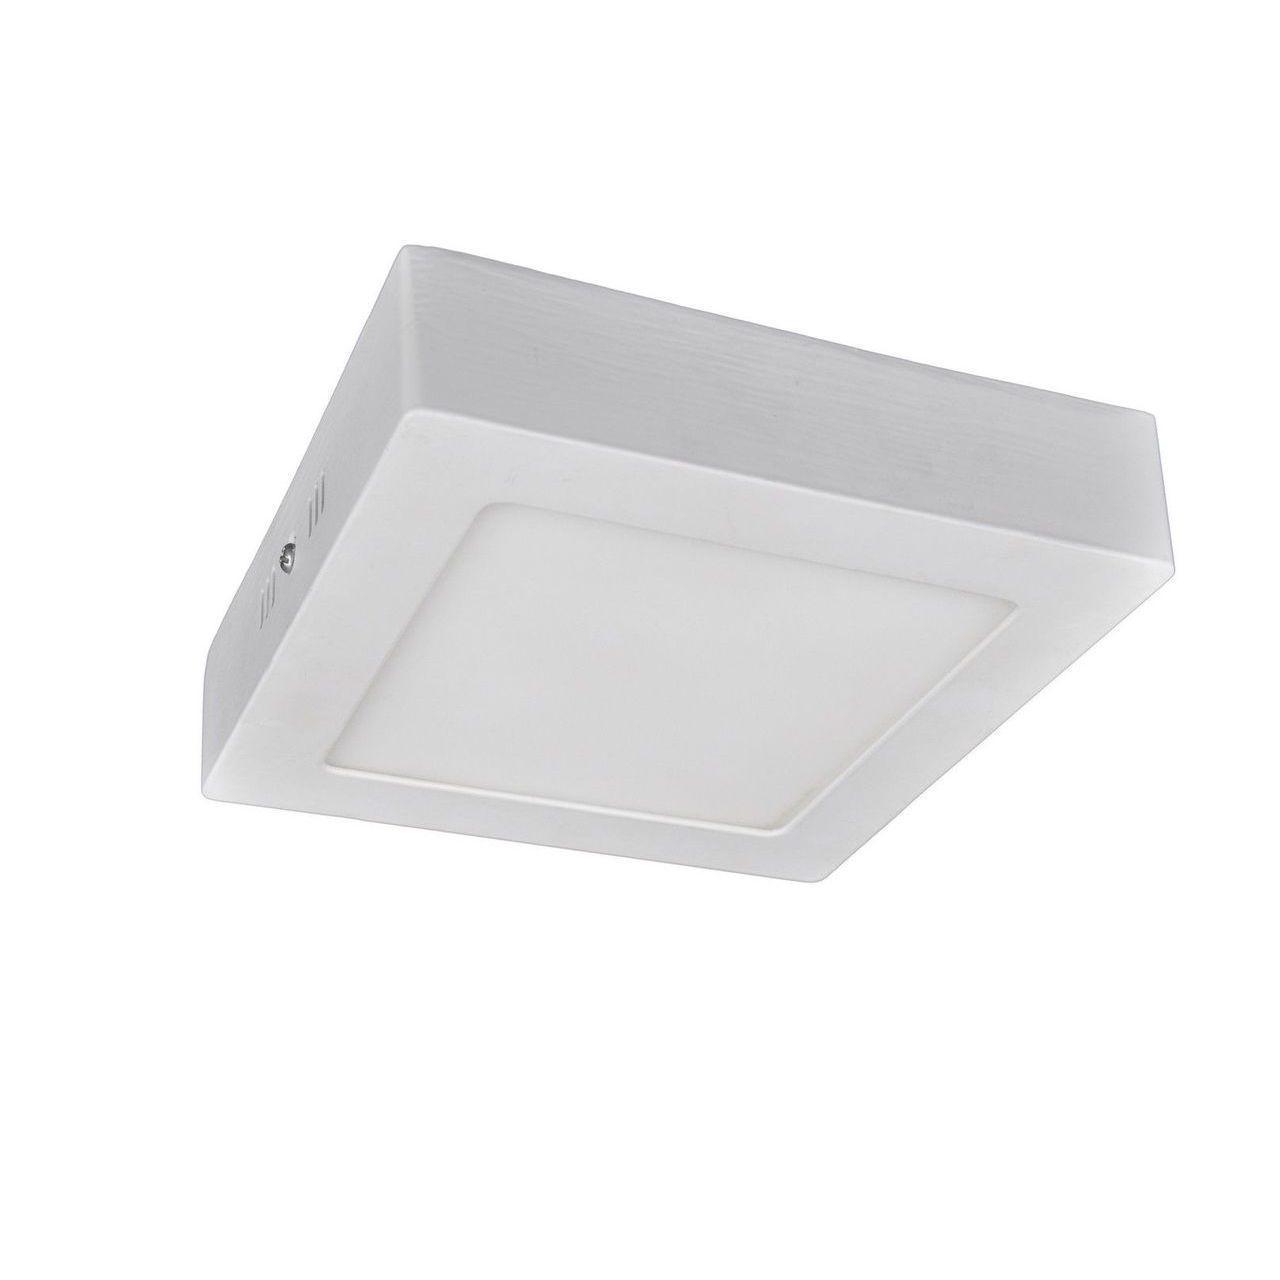 Потолочный светодиодный светильник Arte Lamp Angolo A3612PL-1WH настенно потолочный светильник arte lamp angolo a3018pl 1wh